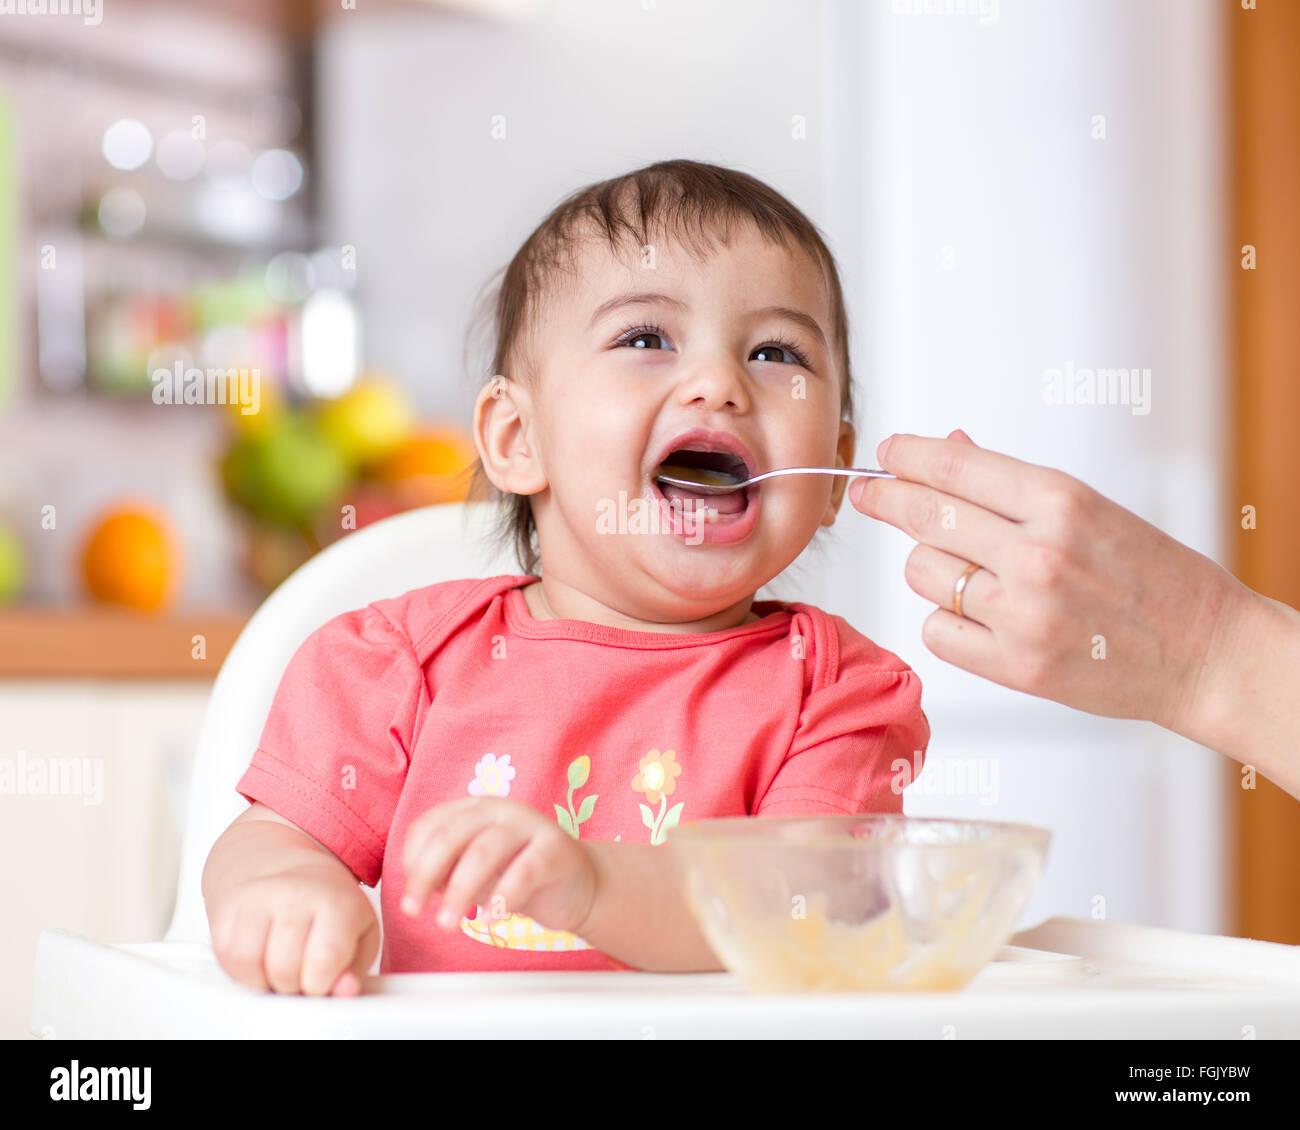 Sorridente baby a mangiare cibo da cucina Immagini Stock